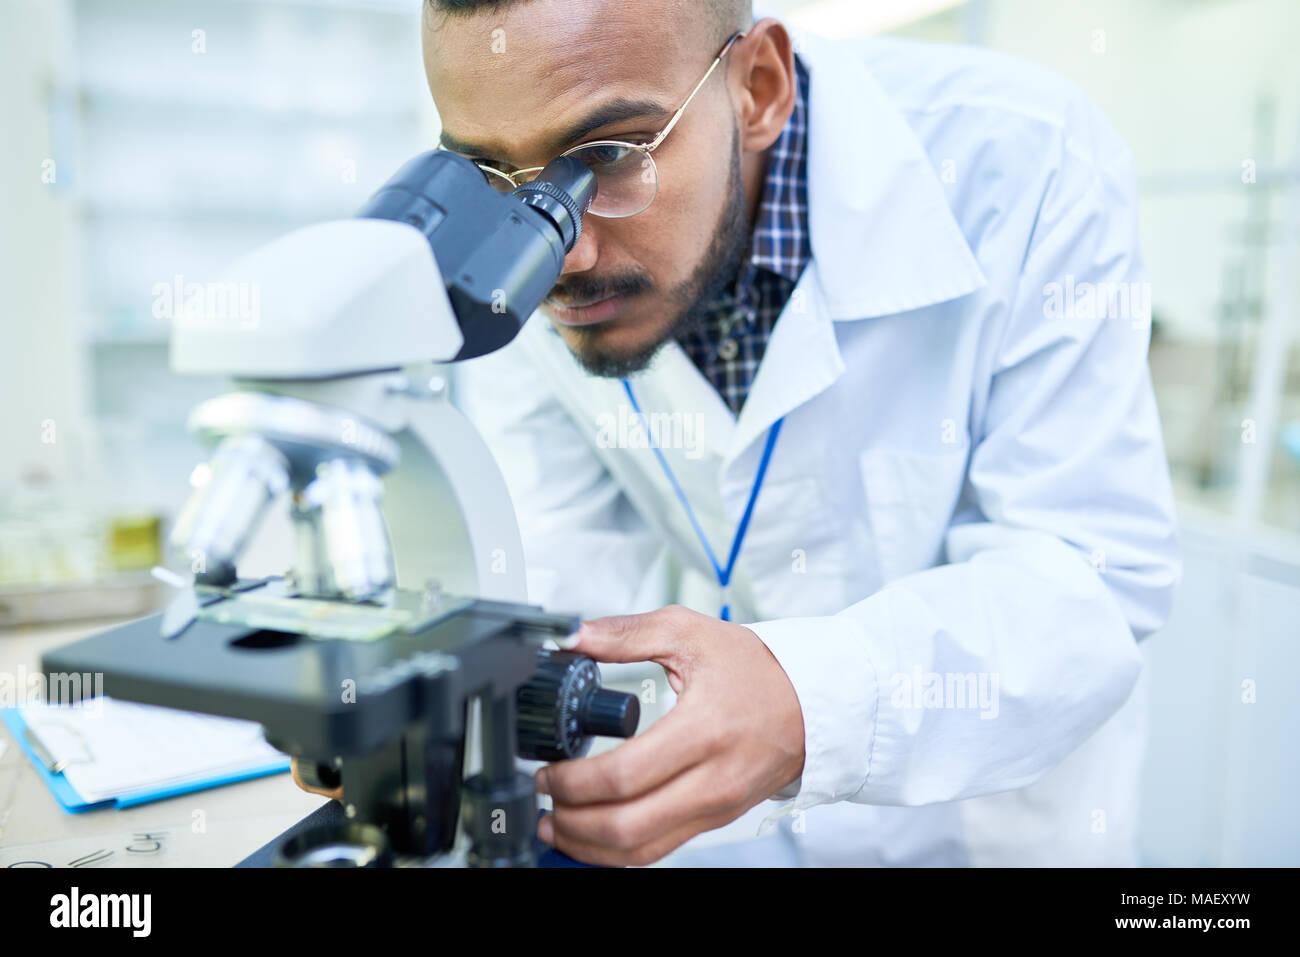 Moderne stattlichen Biologe einstellen Mikroskop Bild vergrößern Stockbild